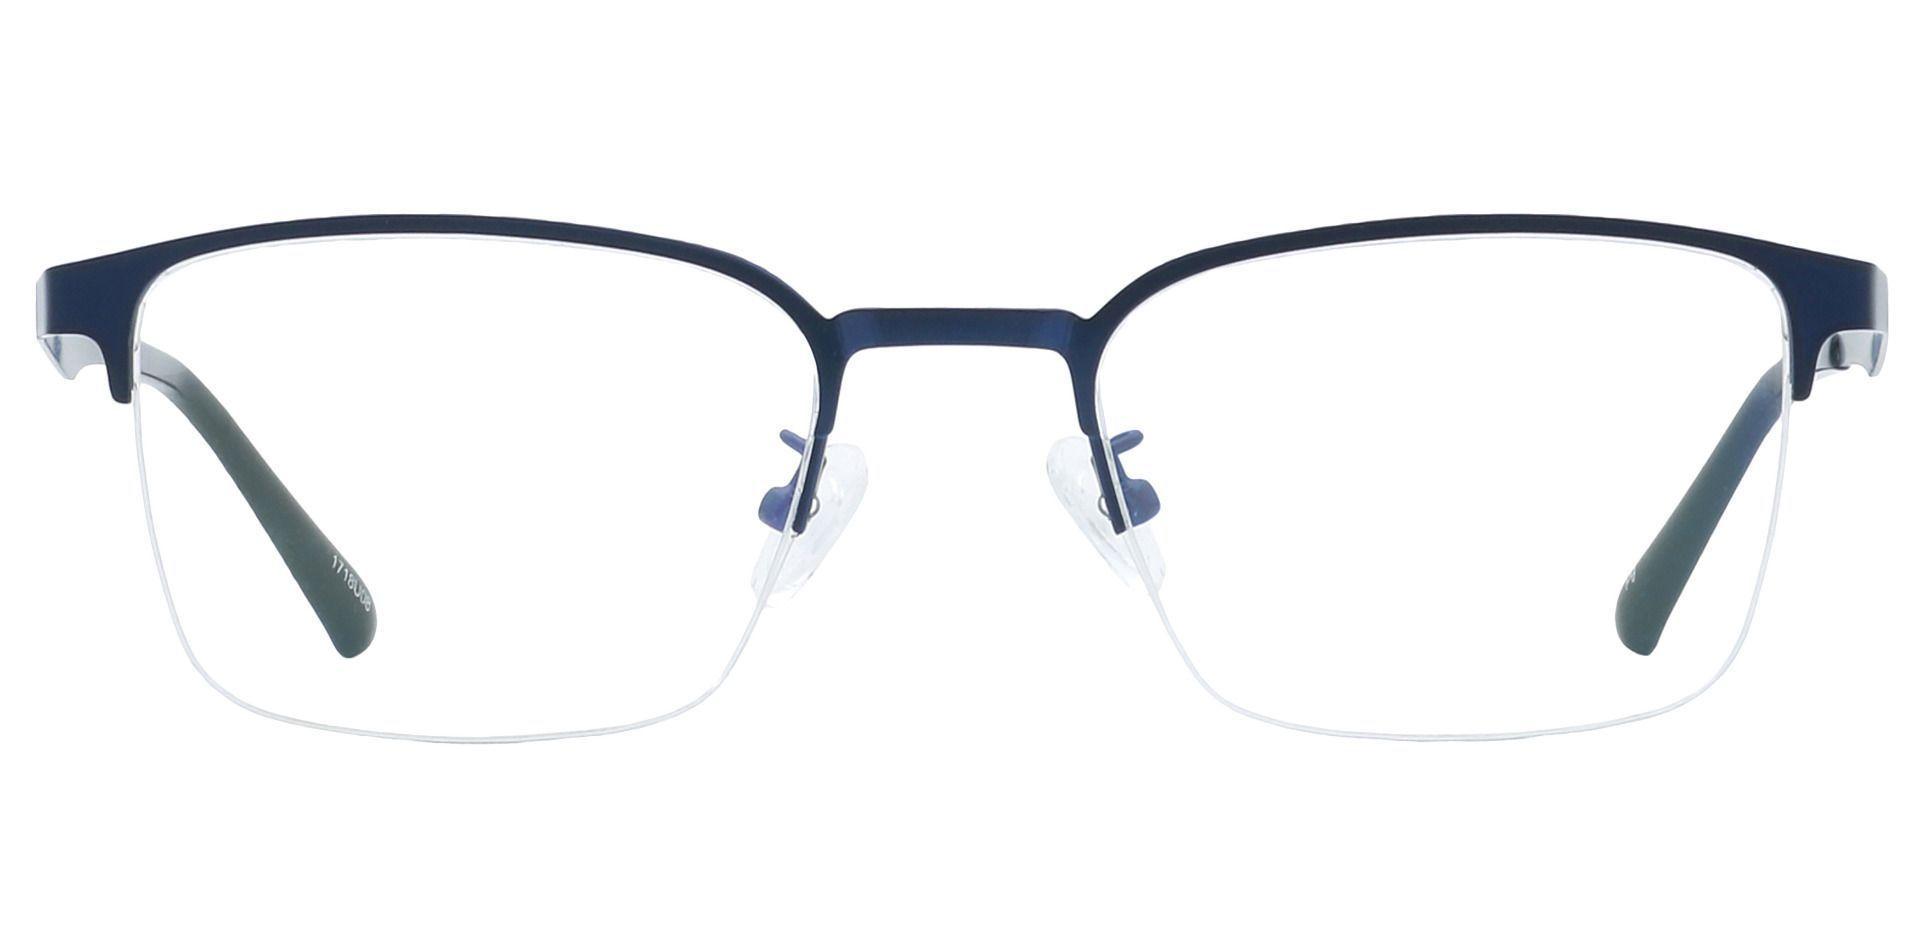 Eden Square Prescription Glasses - Blue